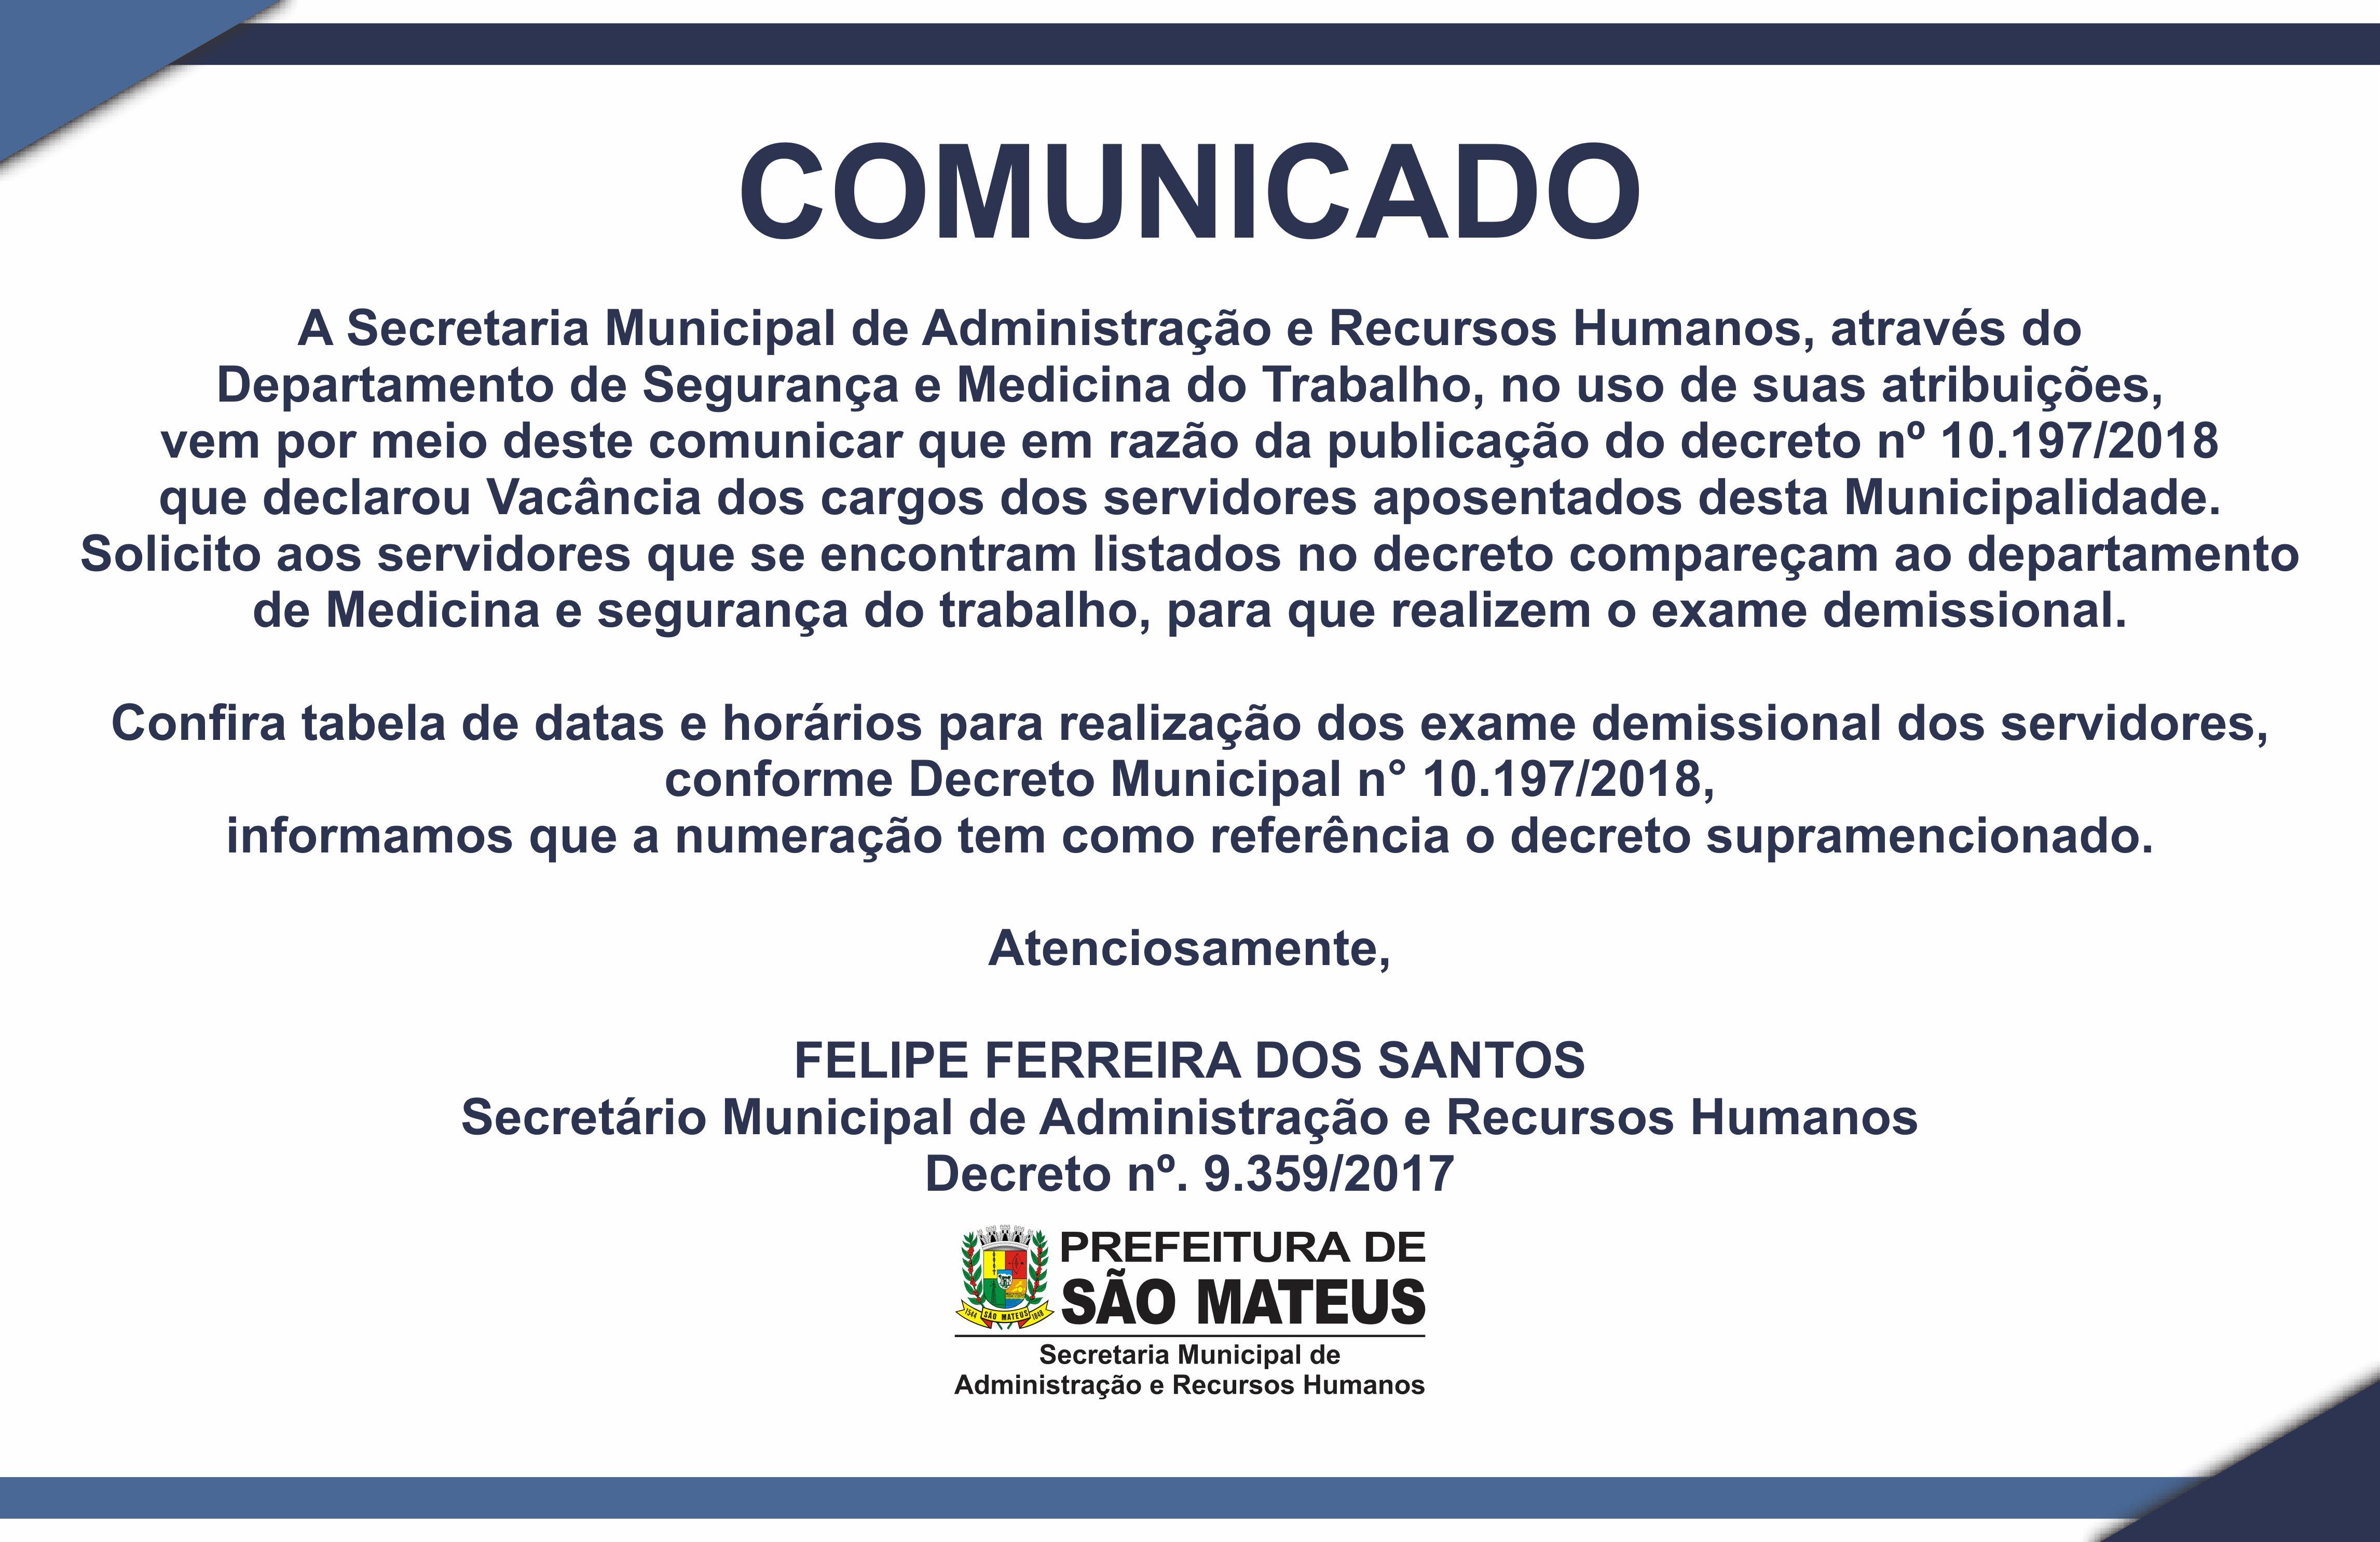 Comunicado de Exame Demissional Referente Ao Decreto Nº 10.197/2018 de Vacância dos Cargos dos Servidores Aposentados desta Municipalidade